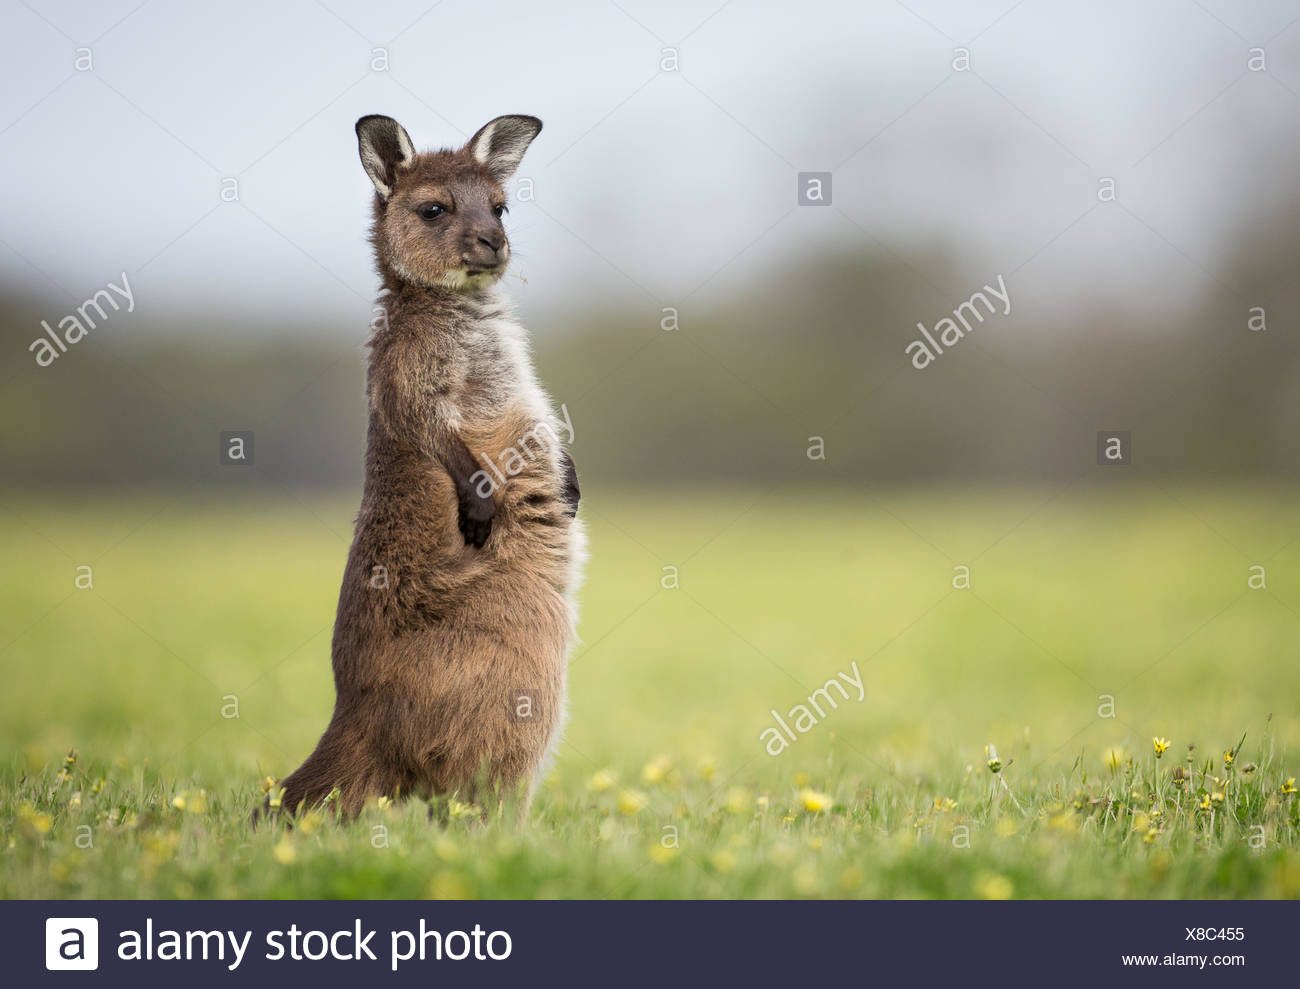 Un joey occidentale Canguro grigio, Macropus fuliginosus, stando in erba. Immagini Stock